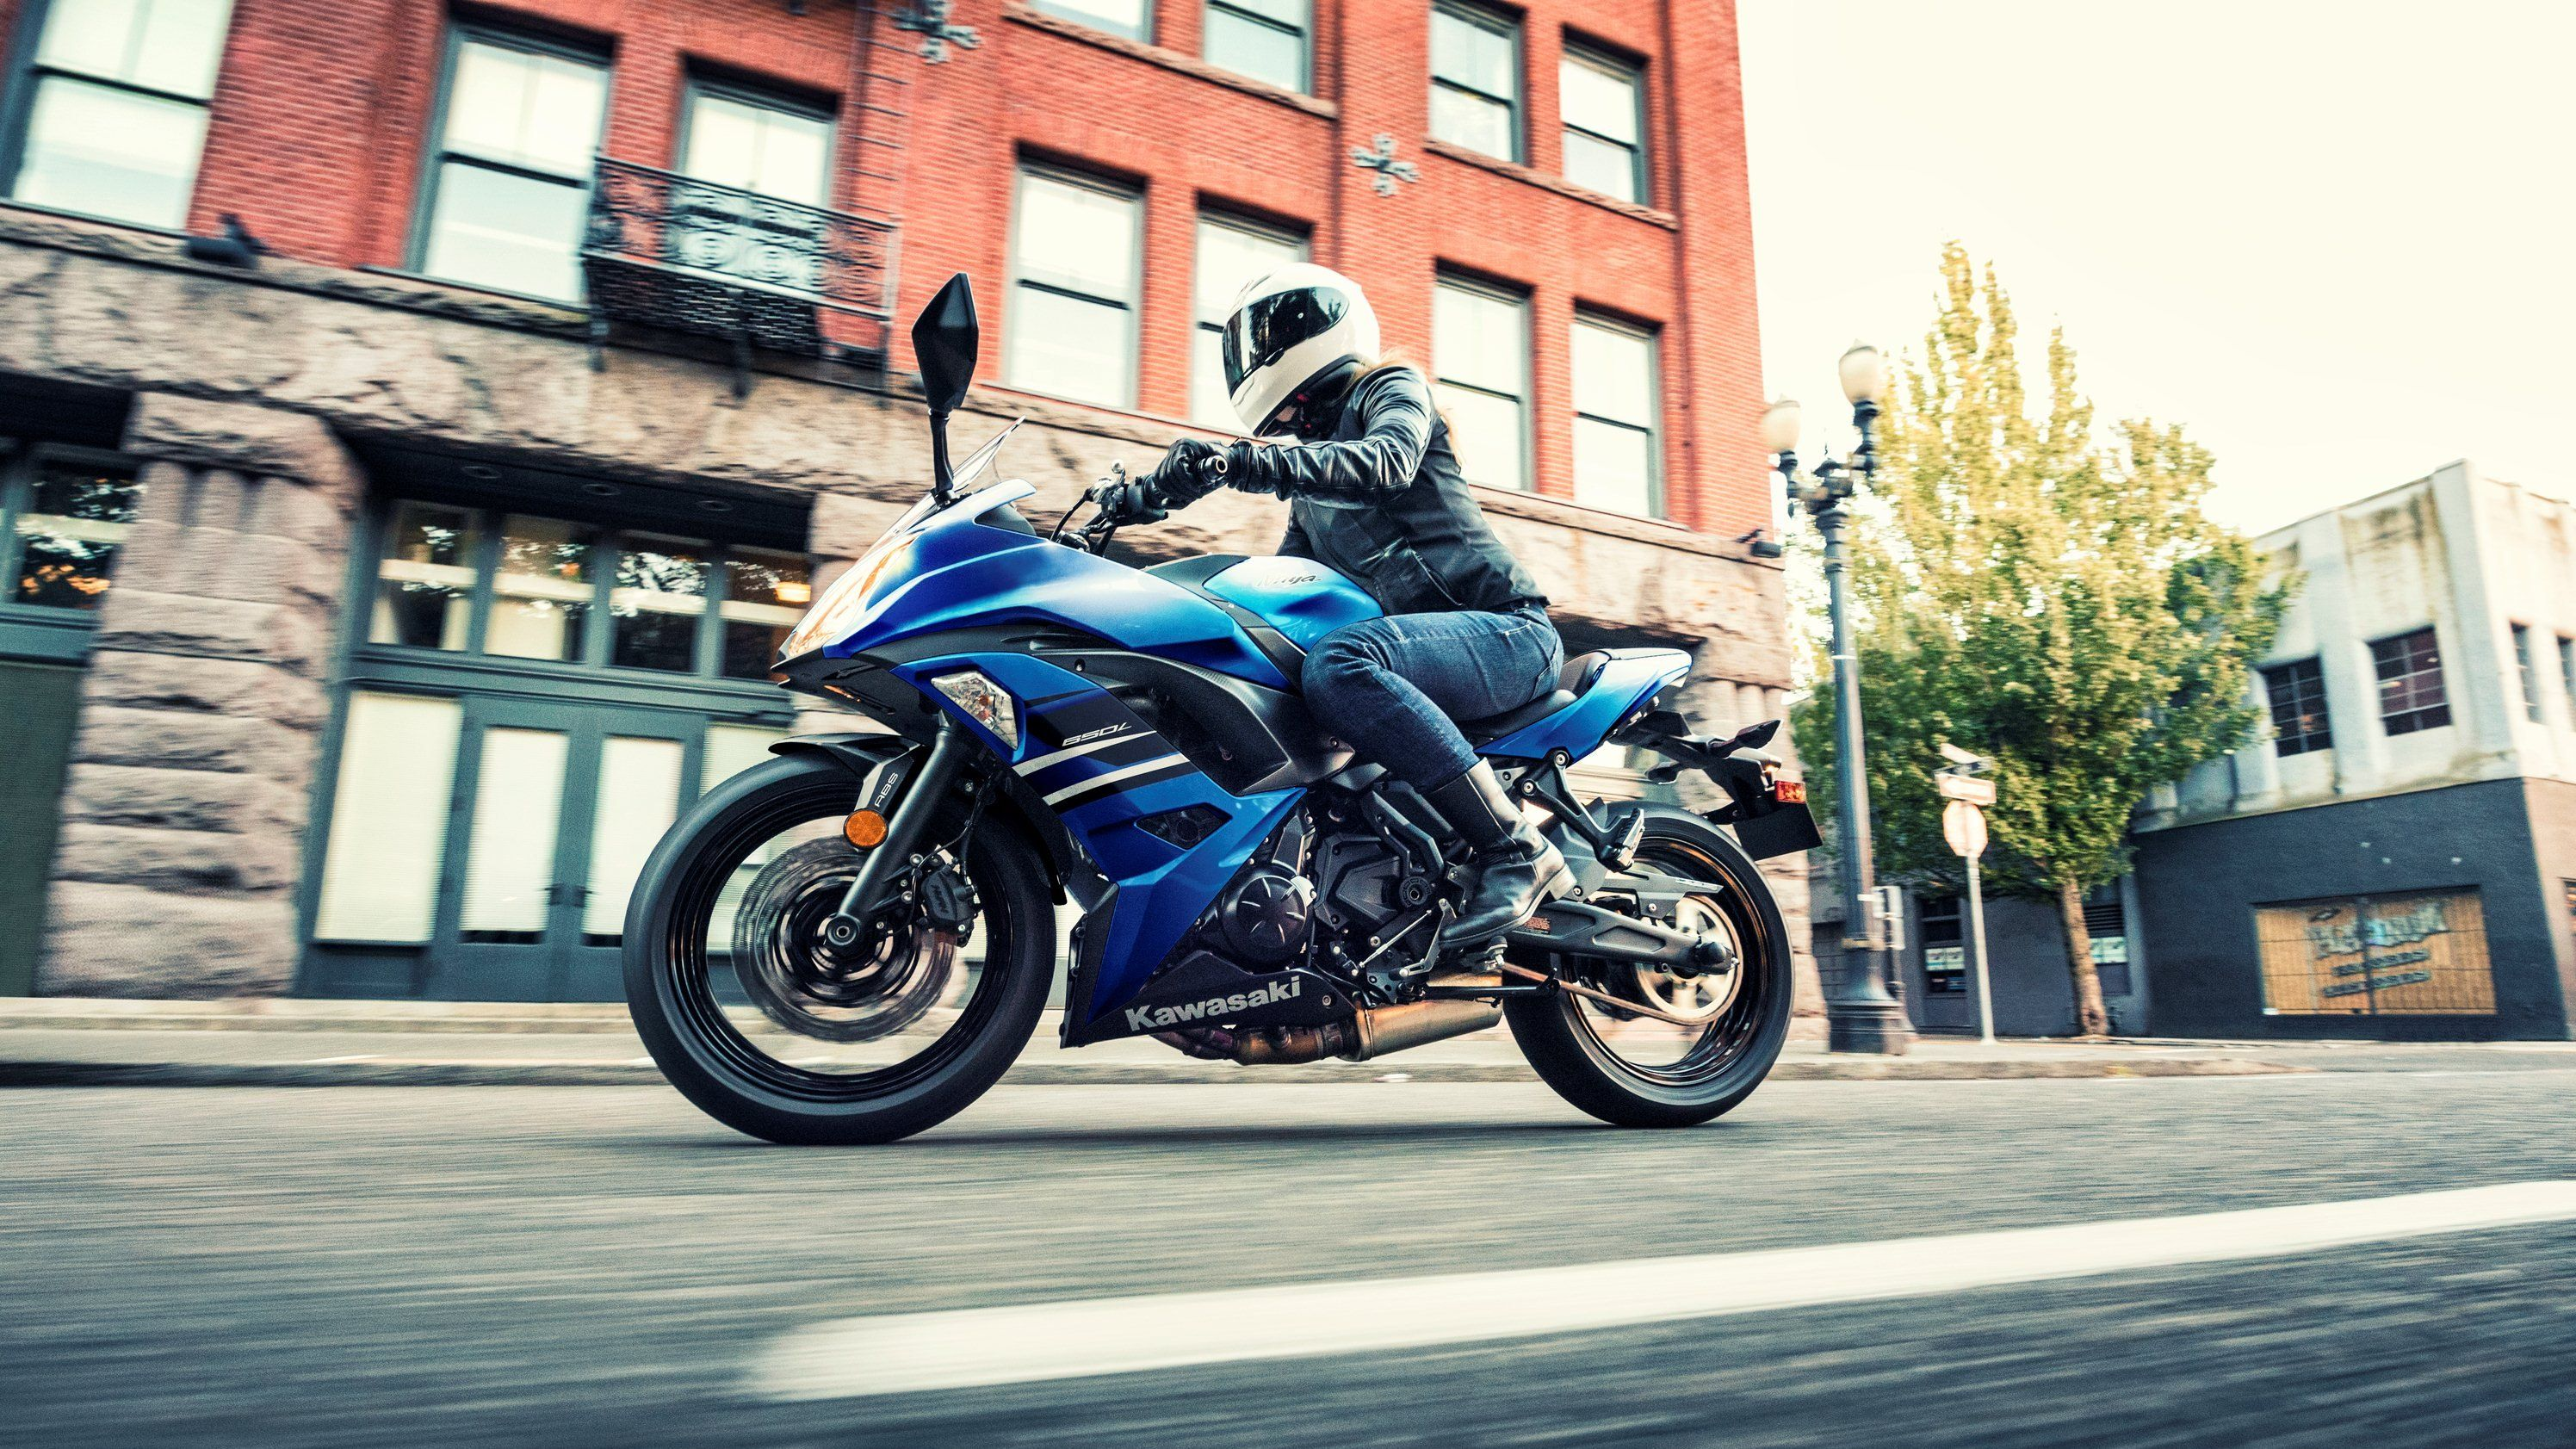 2017 2019 Kawasaki Ninja 650 Kawasaki Ninja Ninja Blue